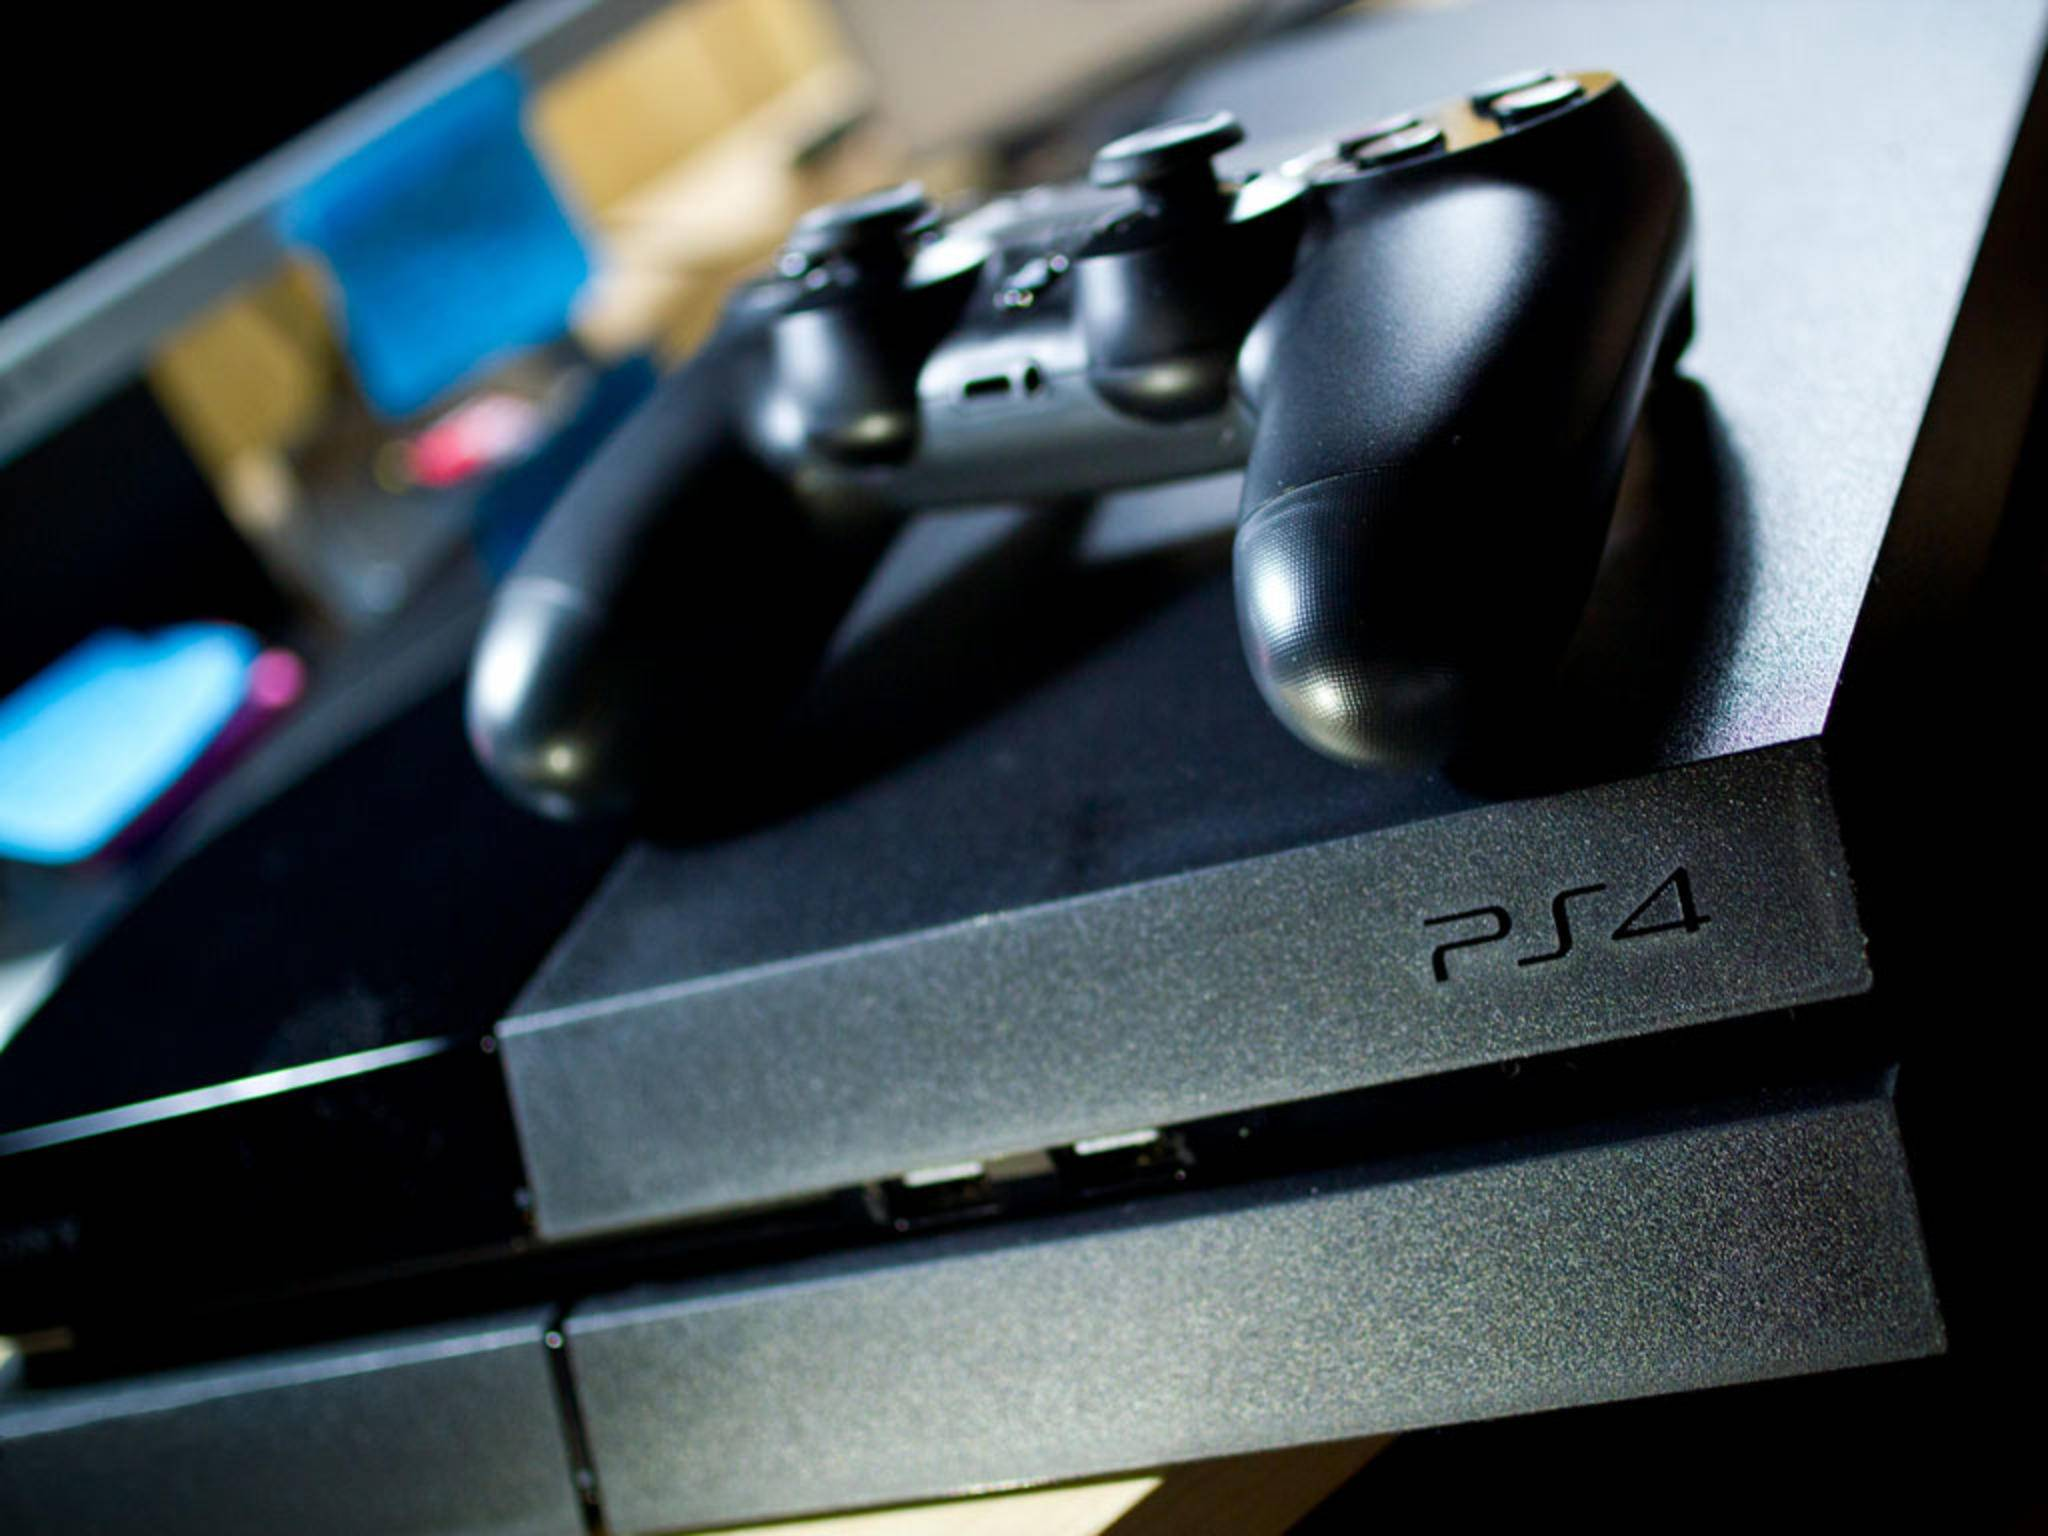 Sony sucht Beta-Tester für die neue PS4-Software 3.5.